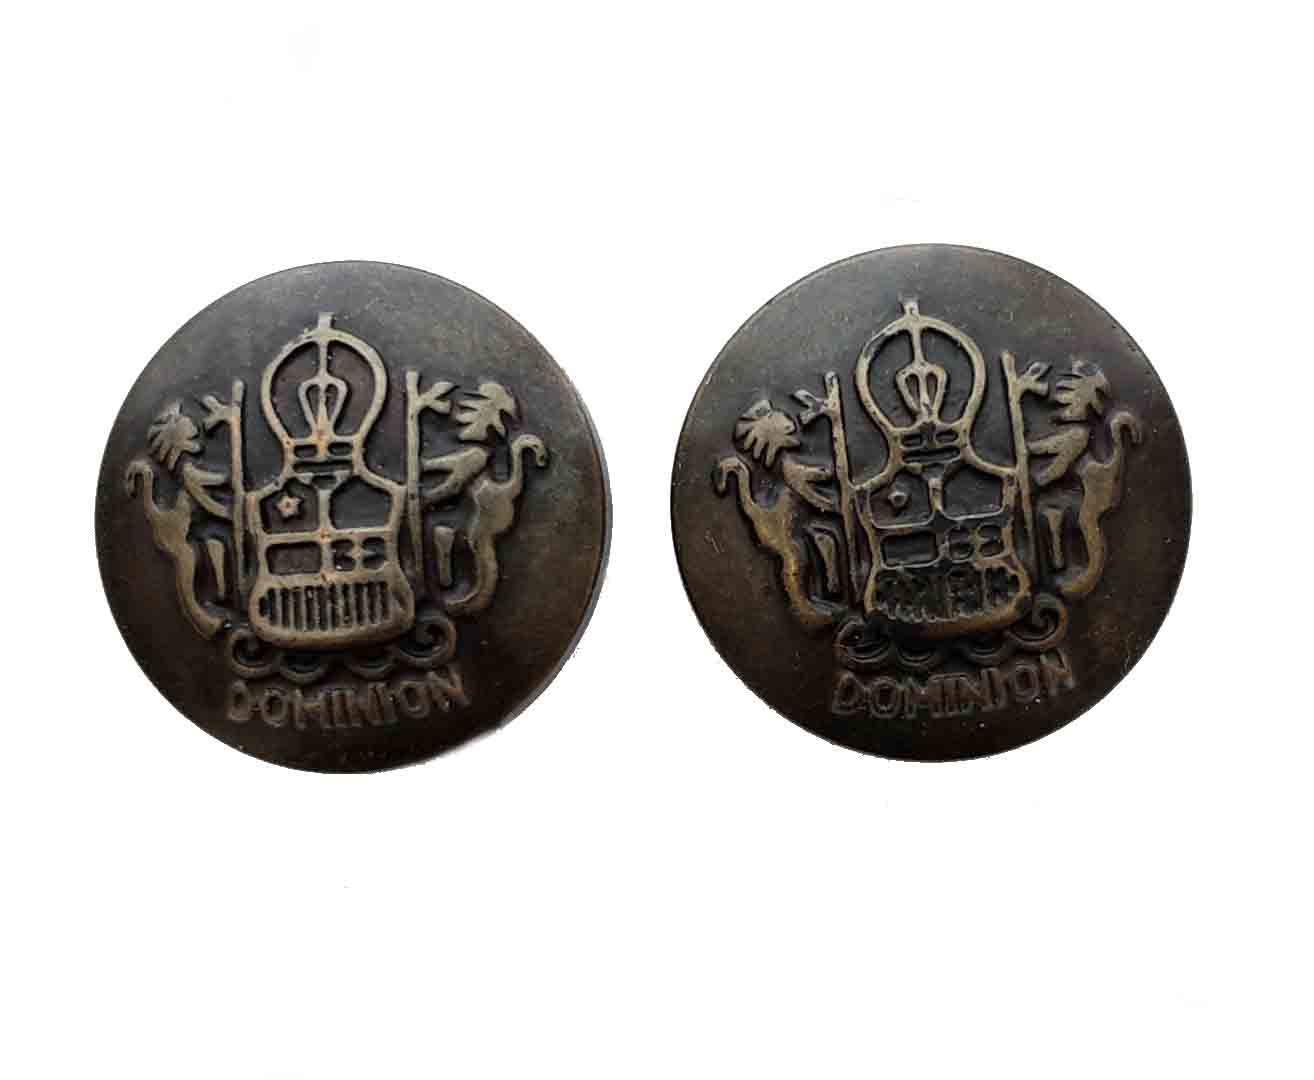 Two Vintage Southwick Antique Gold Brown Blazer Buttons Double Lion Dominion Metal Men's